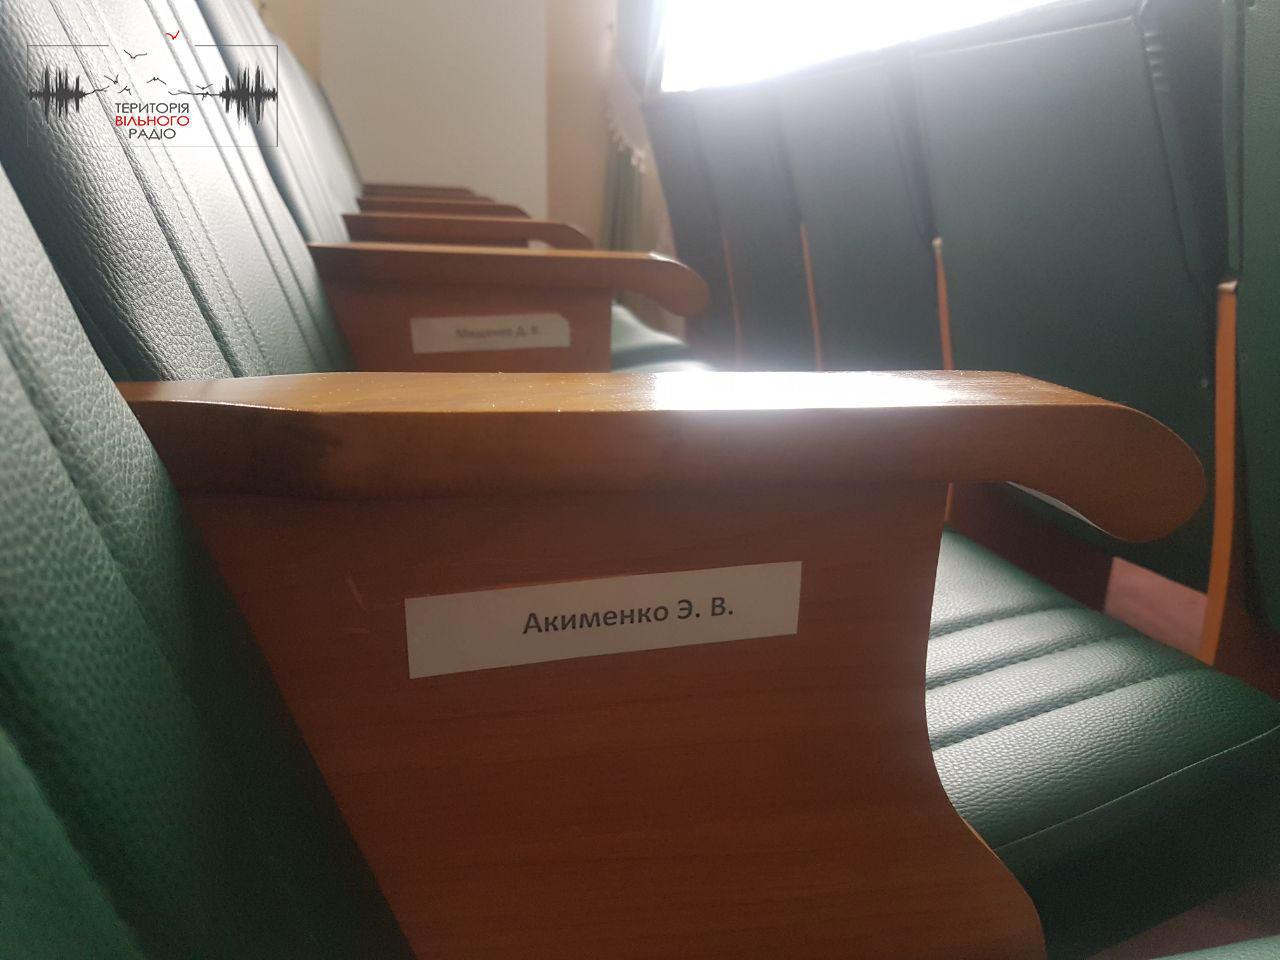 Депутати в Бахмутській районній раді голосують досі руками